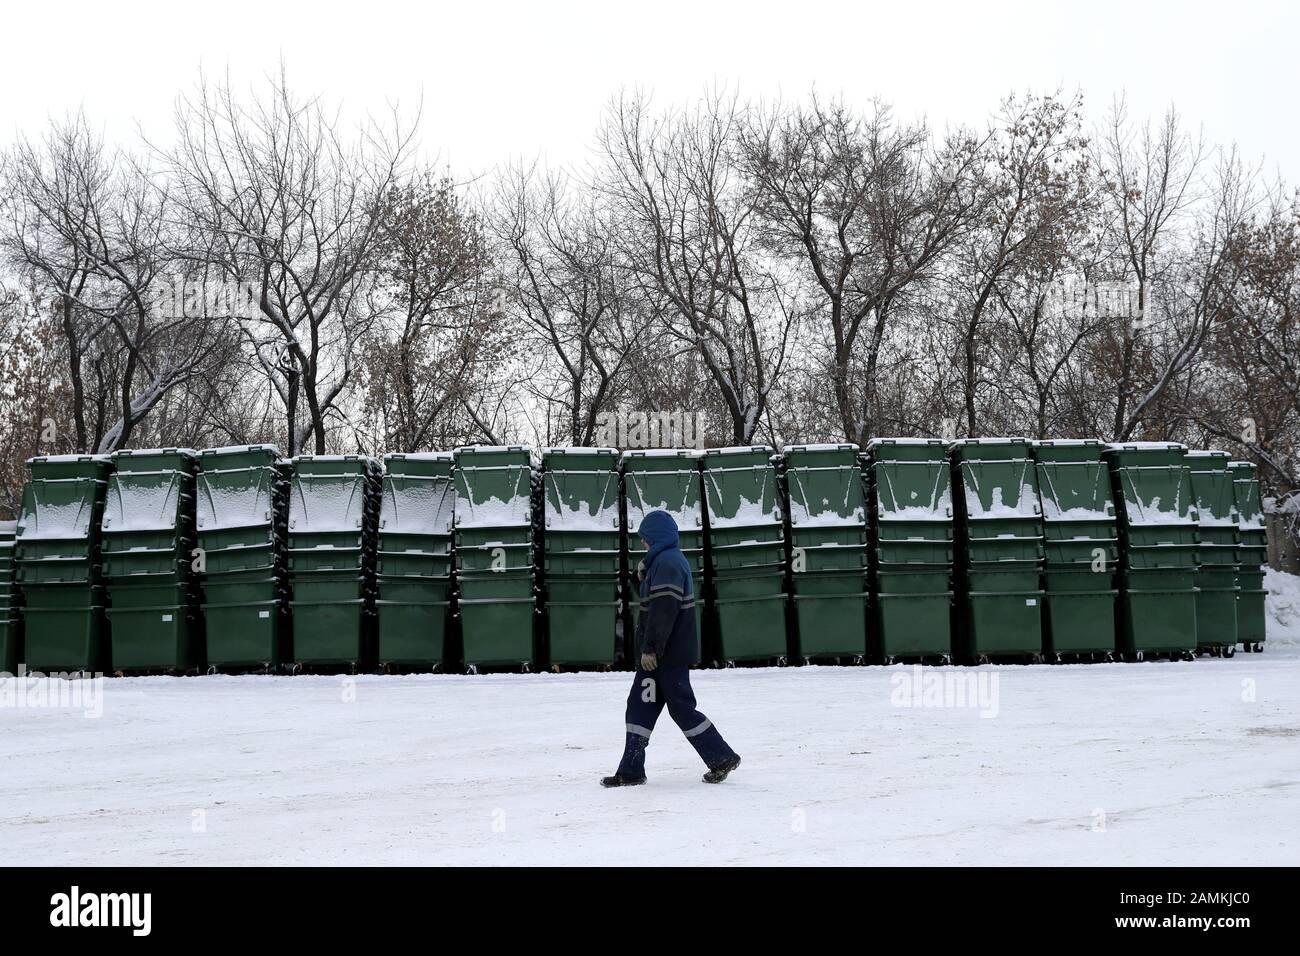 Nowosibirsk, Russland. Januar 2020. Nowosibirsk, RUSSLAND - 14. JANUAR 2020: Behälter für kommunalen festen Abfall, die bei der Arctic City Müllabfuhr gesammelt wurden. Kirill Kukhmar/TASS Credit: ITAR-TASS News Agency/Alamy Live News Stockfoto